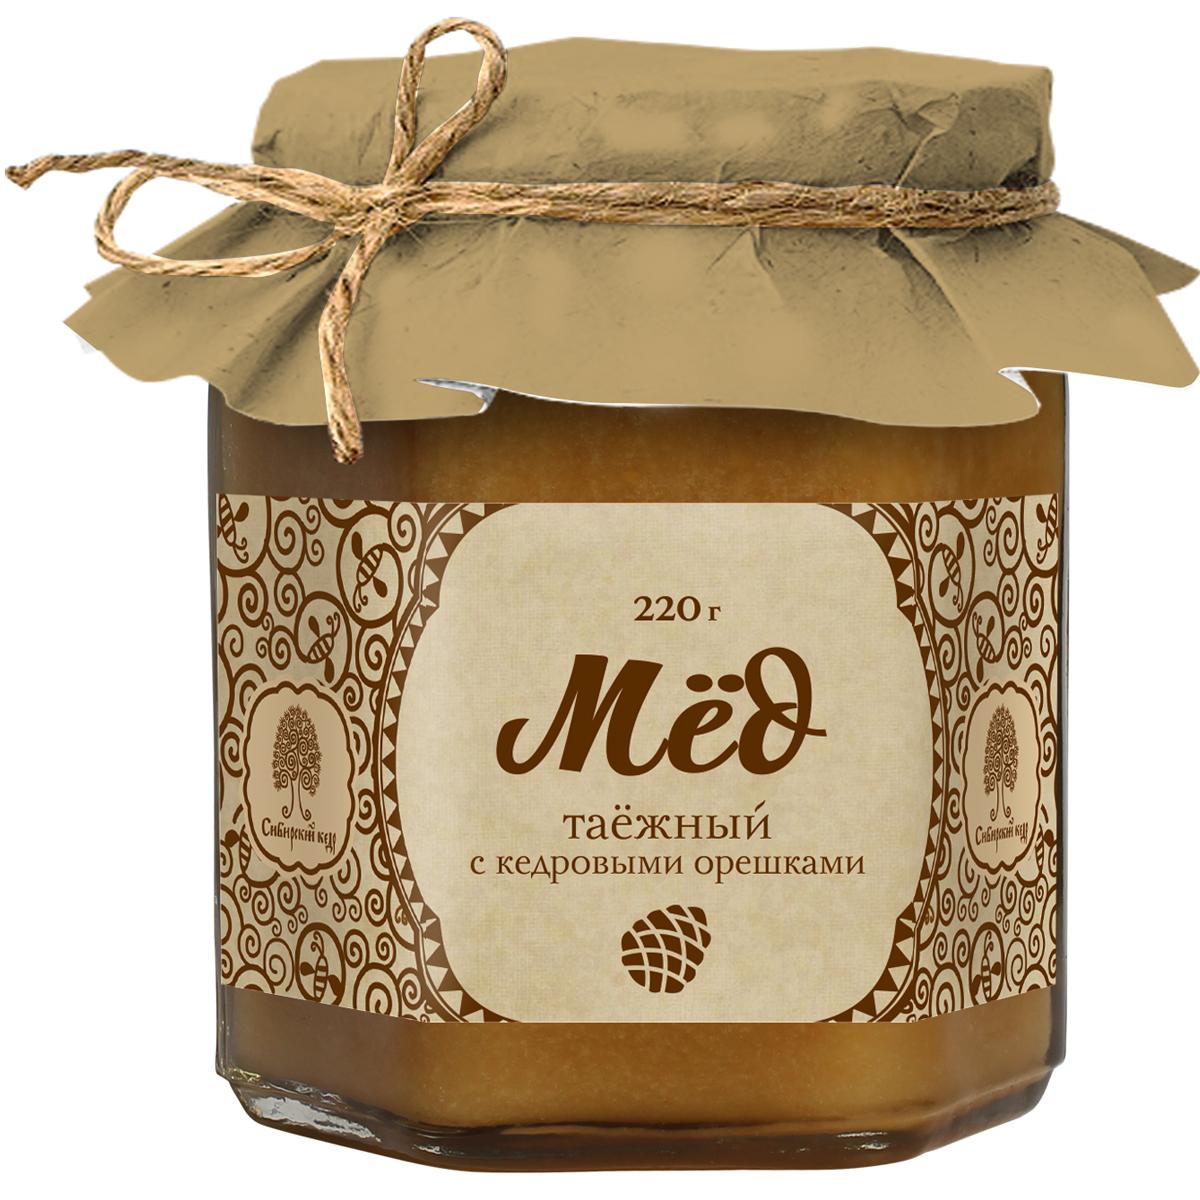 Сибирский кедр мед таежный с кедровыми орешками, 220 г1922Еще древние выяснили, что мед укрепляет здоровье и продлевает жизнь человека. Инновационные находки компании Сибирский Кедр позволили создать уникальный, стопроцентно натуральный продукт, сочетающий таежный мед и соки сибирских ягод. Такой коктейль усиливает полезные свойства каждого из компонентов, а регулярное его применение укрепит иммунитет.Целебные сорта мёда. Статья OZON Гид